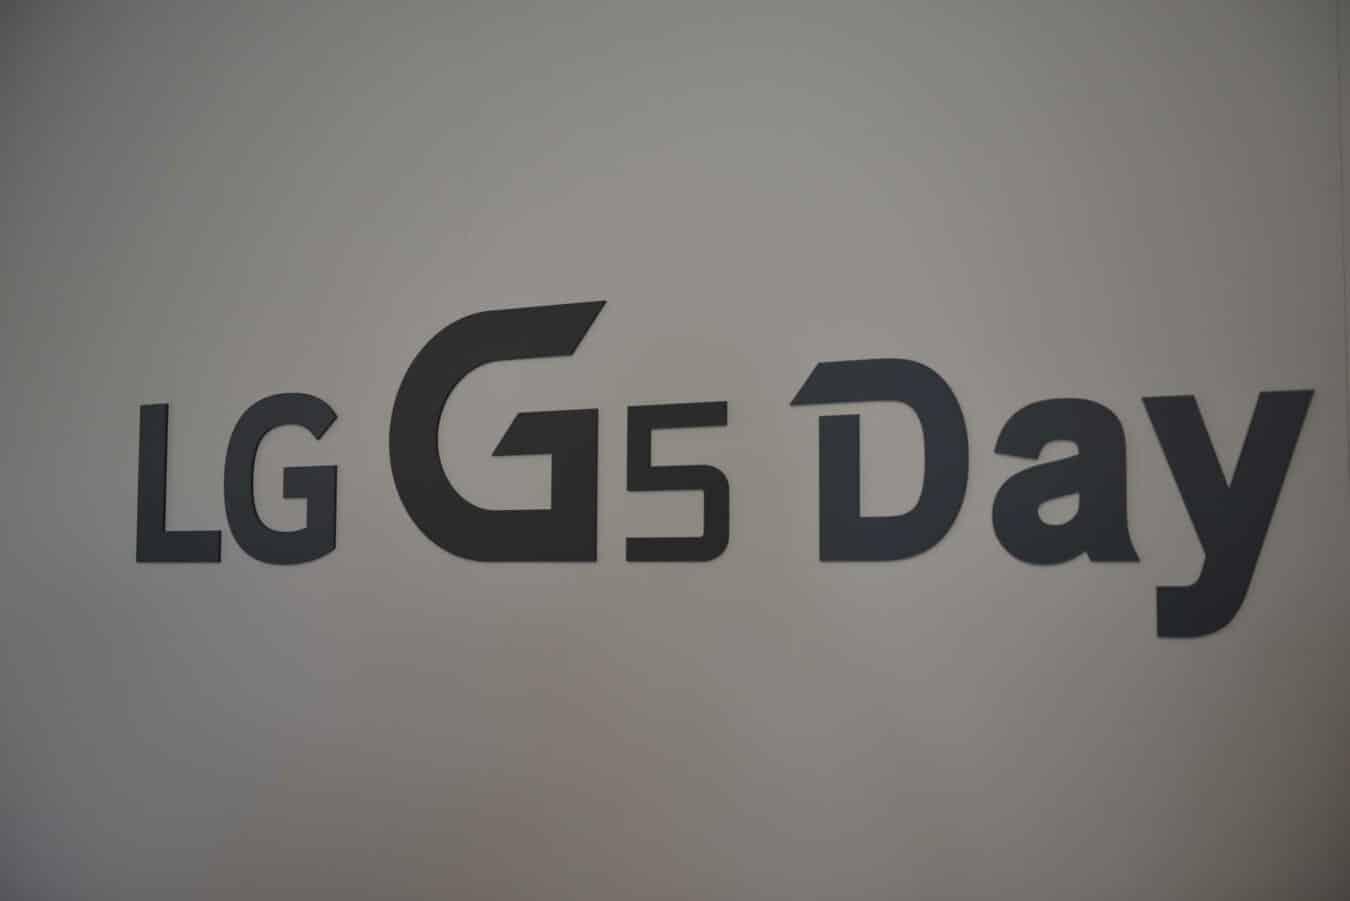 Photo de #MWC2016 LG G5 Day : résumé de la conférence